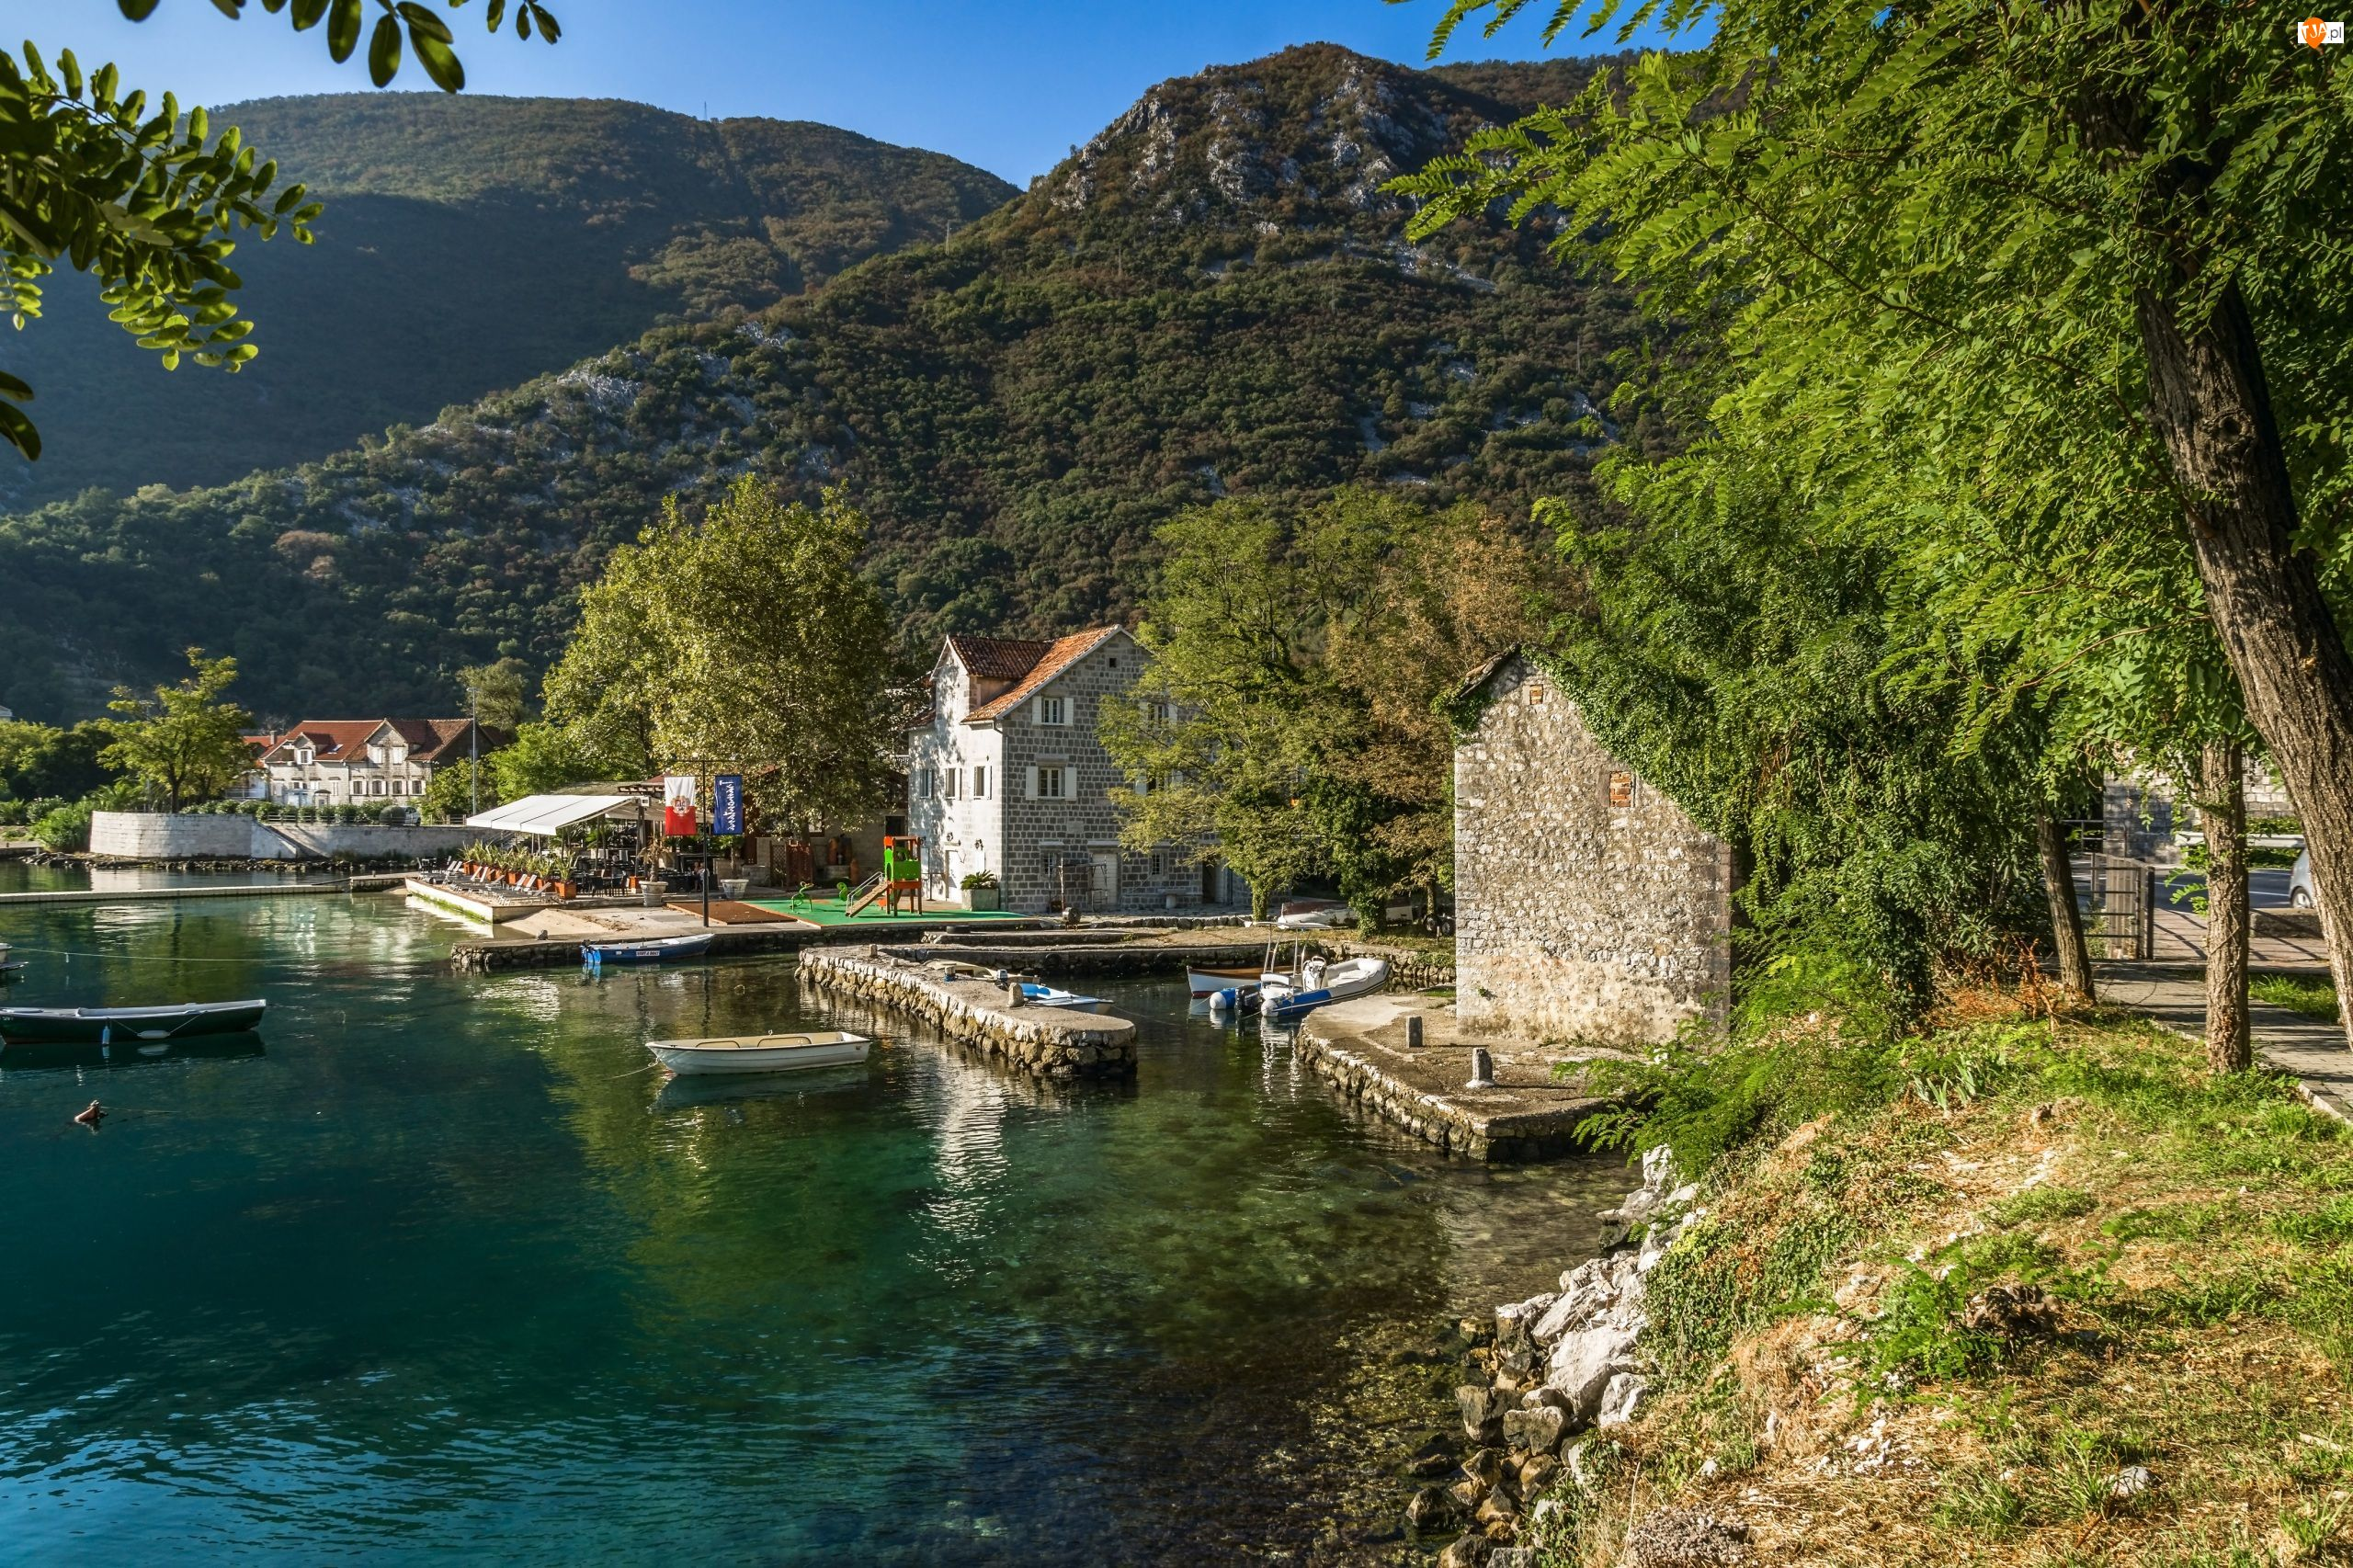 Domy, Góry, Zatoka Kotorska, Jezioro, Czarnogóra, Łódki, Morinj, Drzewa